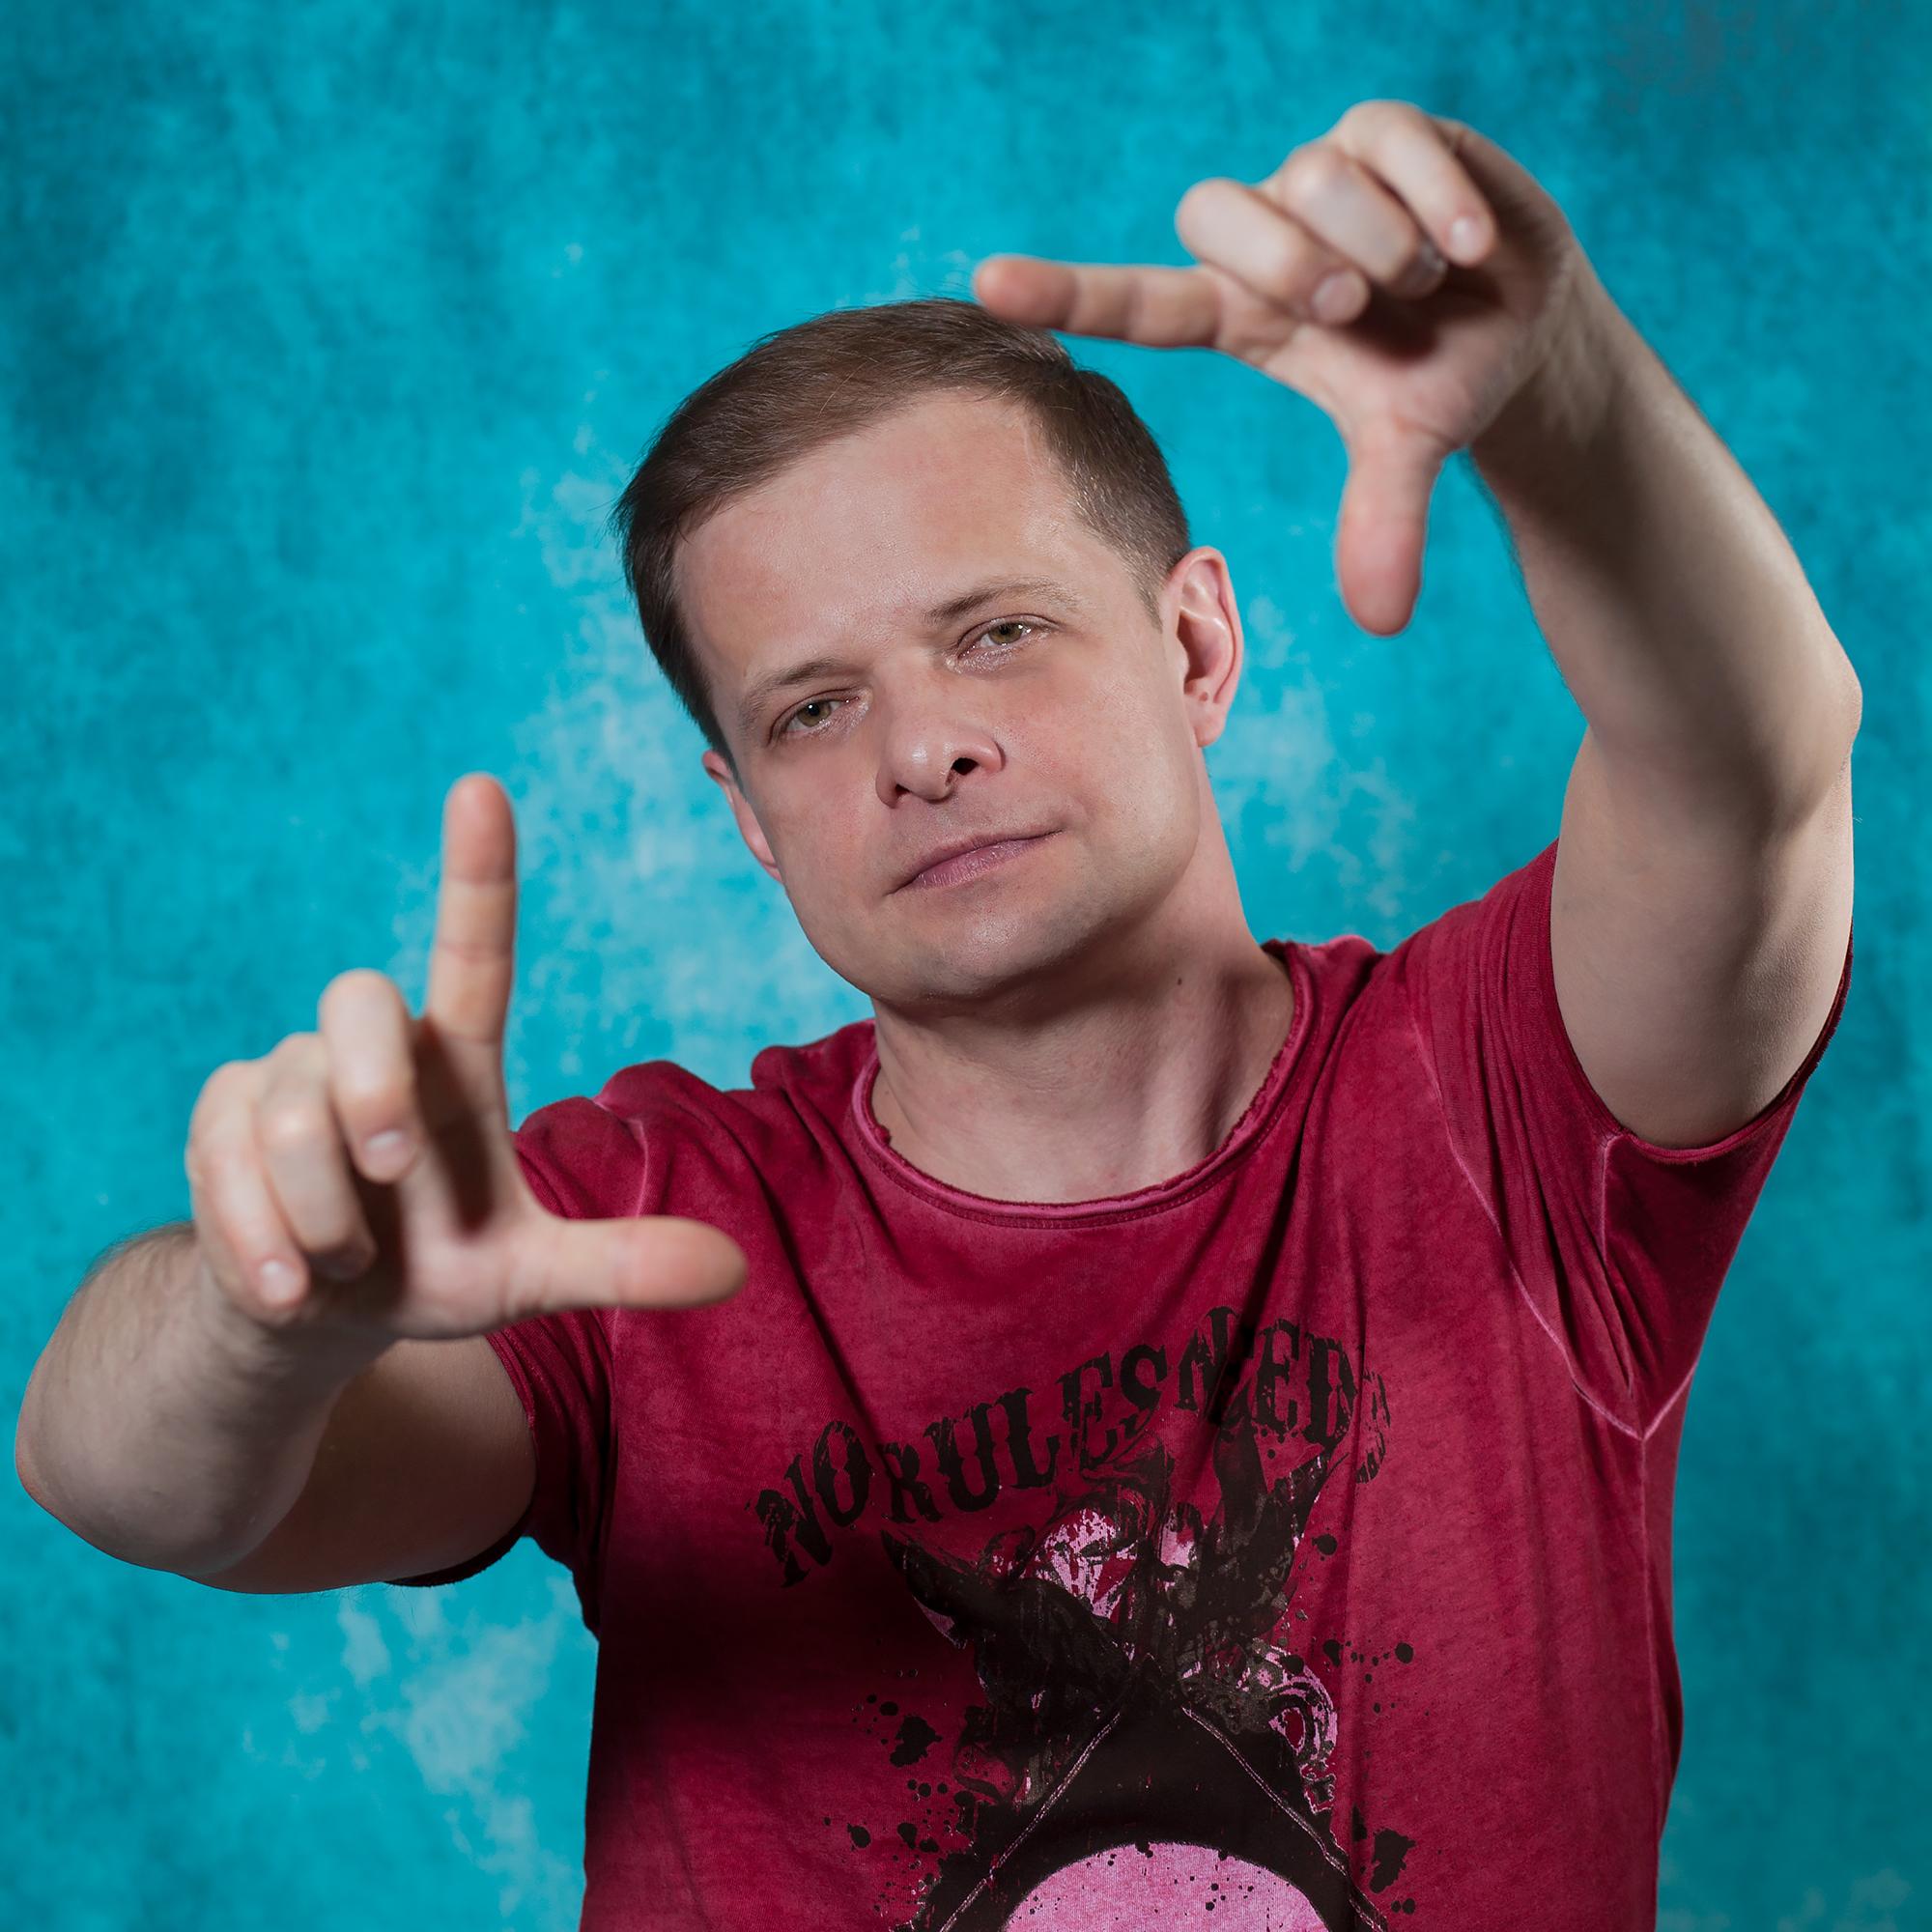 30 октября (Ср) — Роман Рябцев концерт-съёмка шоу «Обычные люди» - Lюstra Bar